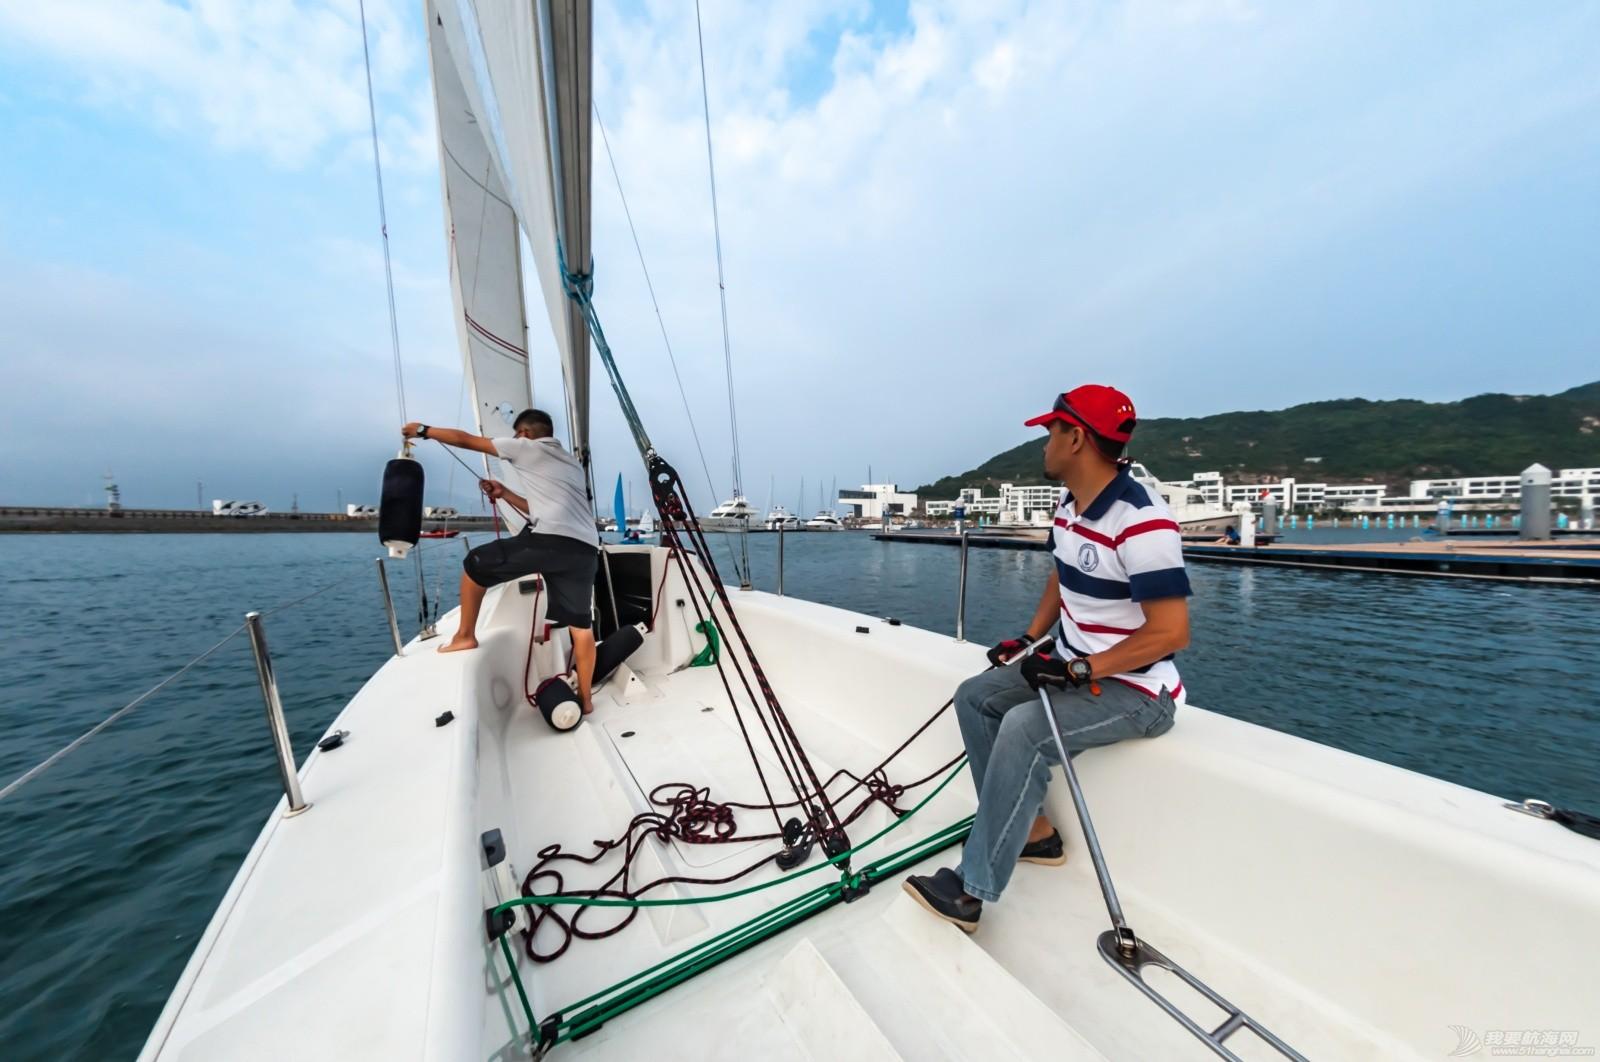 帆船 【2015大鹏杯帆船赛】鱼眼看航海 16045.jpg